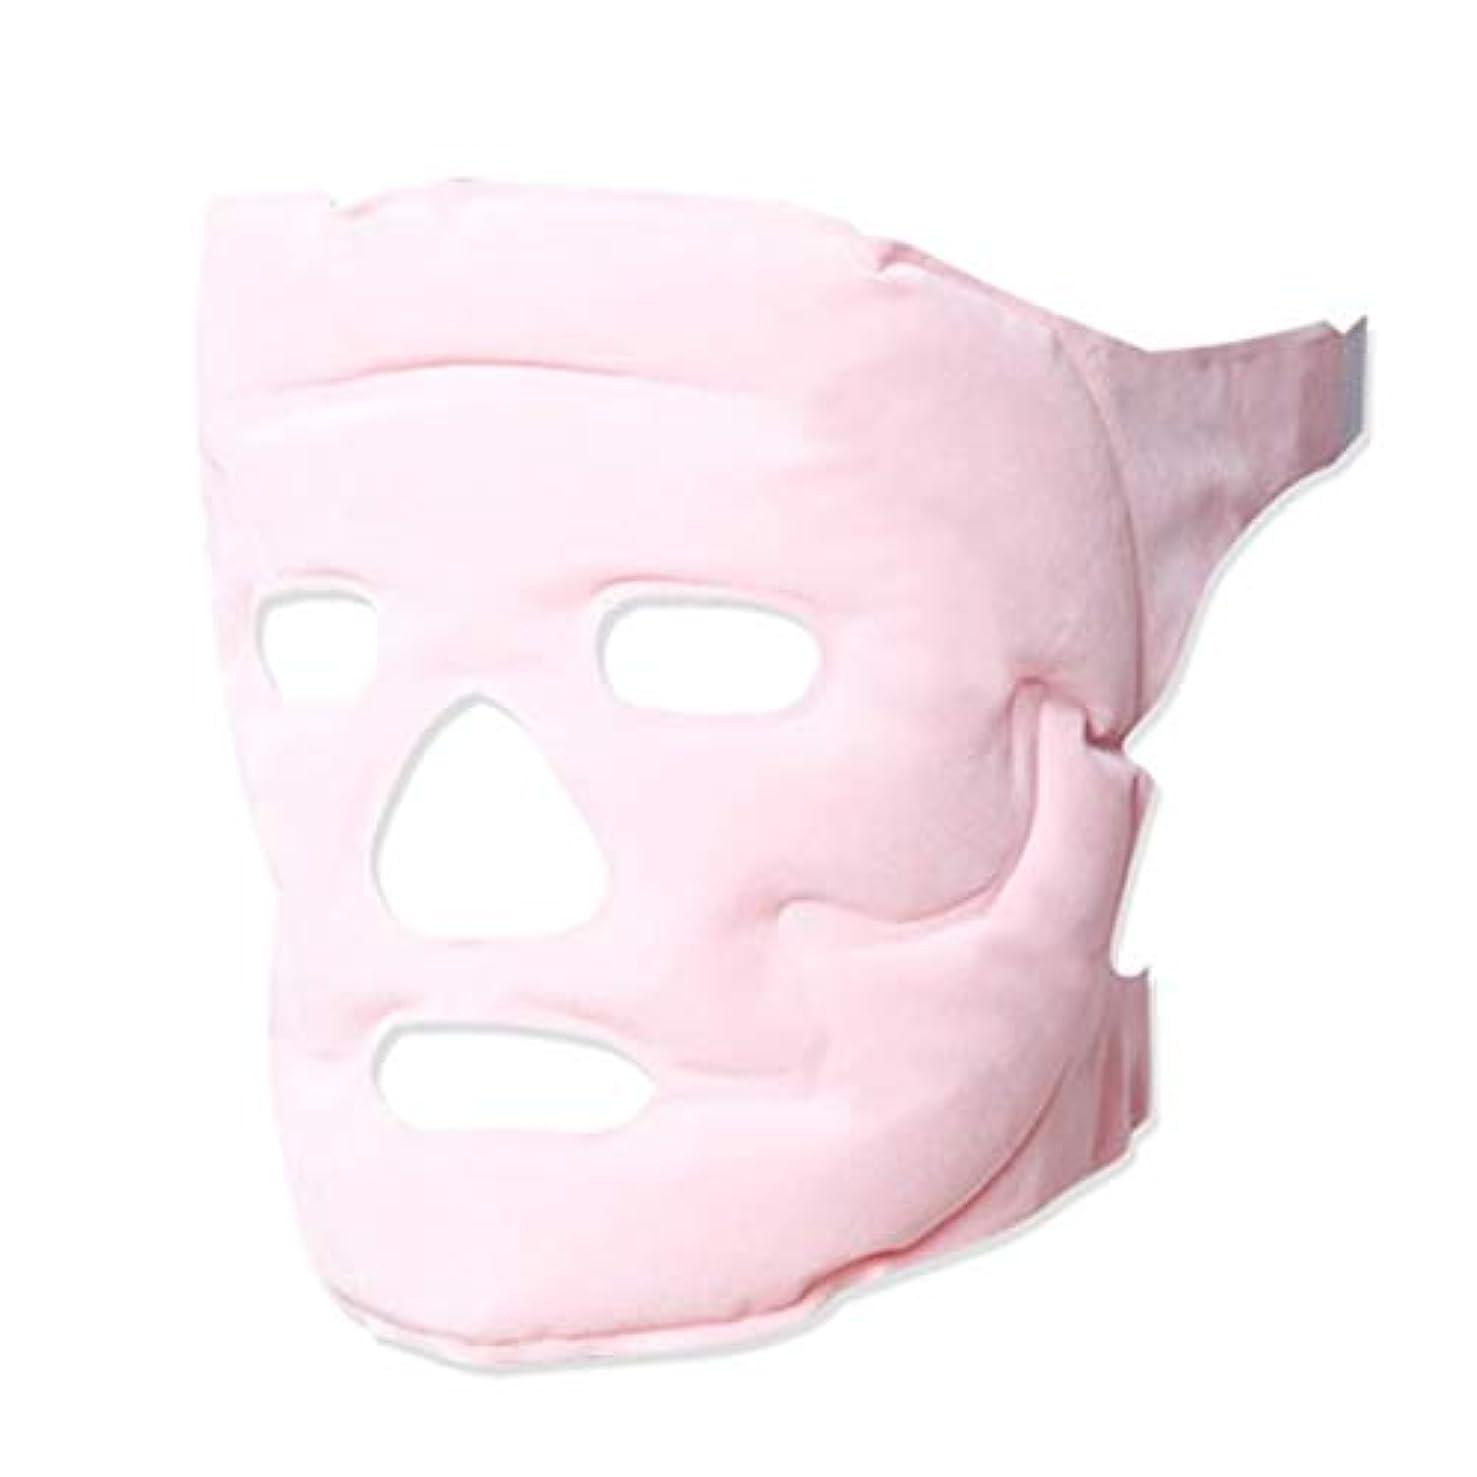 おしゃれな薄いですラジカルZWBD フェイスマスク, フェイスリフティング包帯Vフェイスマスク睡眠薄い顔美容マスク磁気療法リフティング顔引き締め令包帯